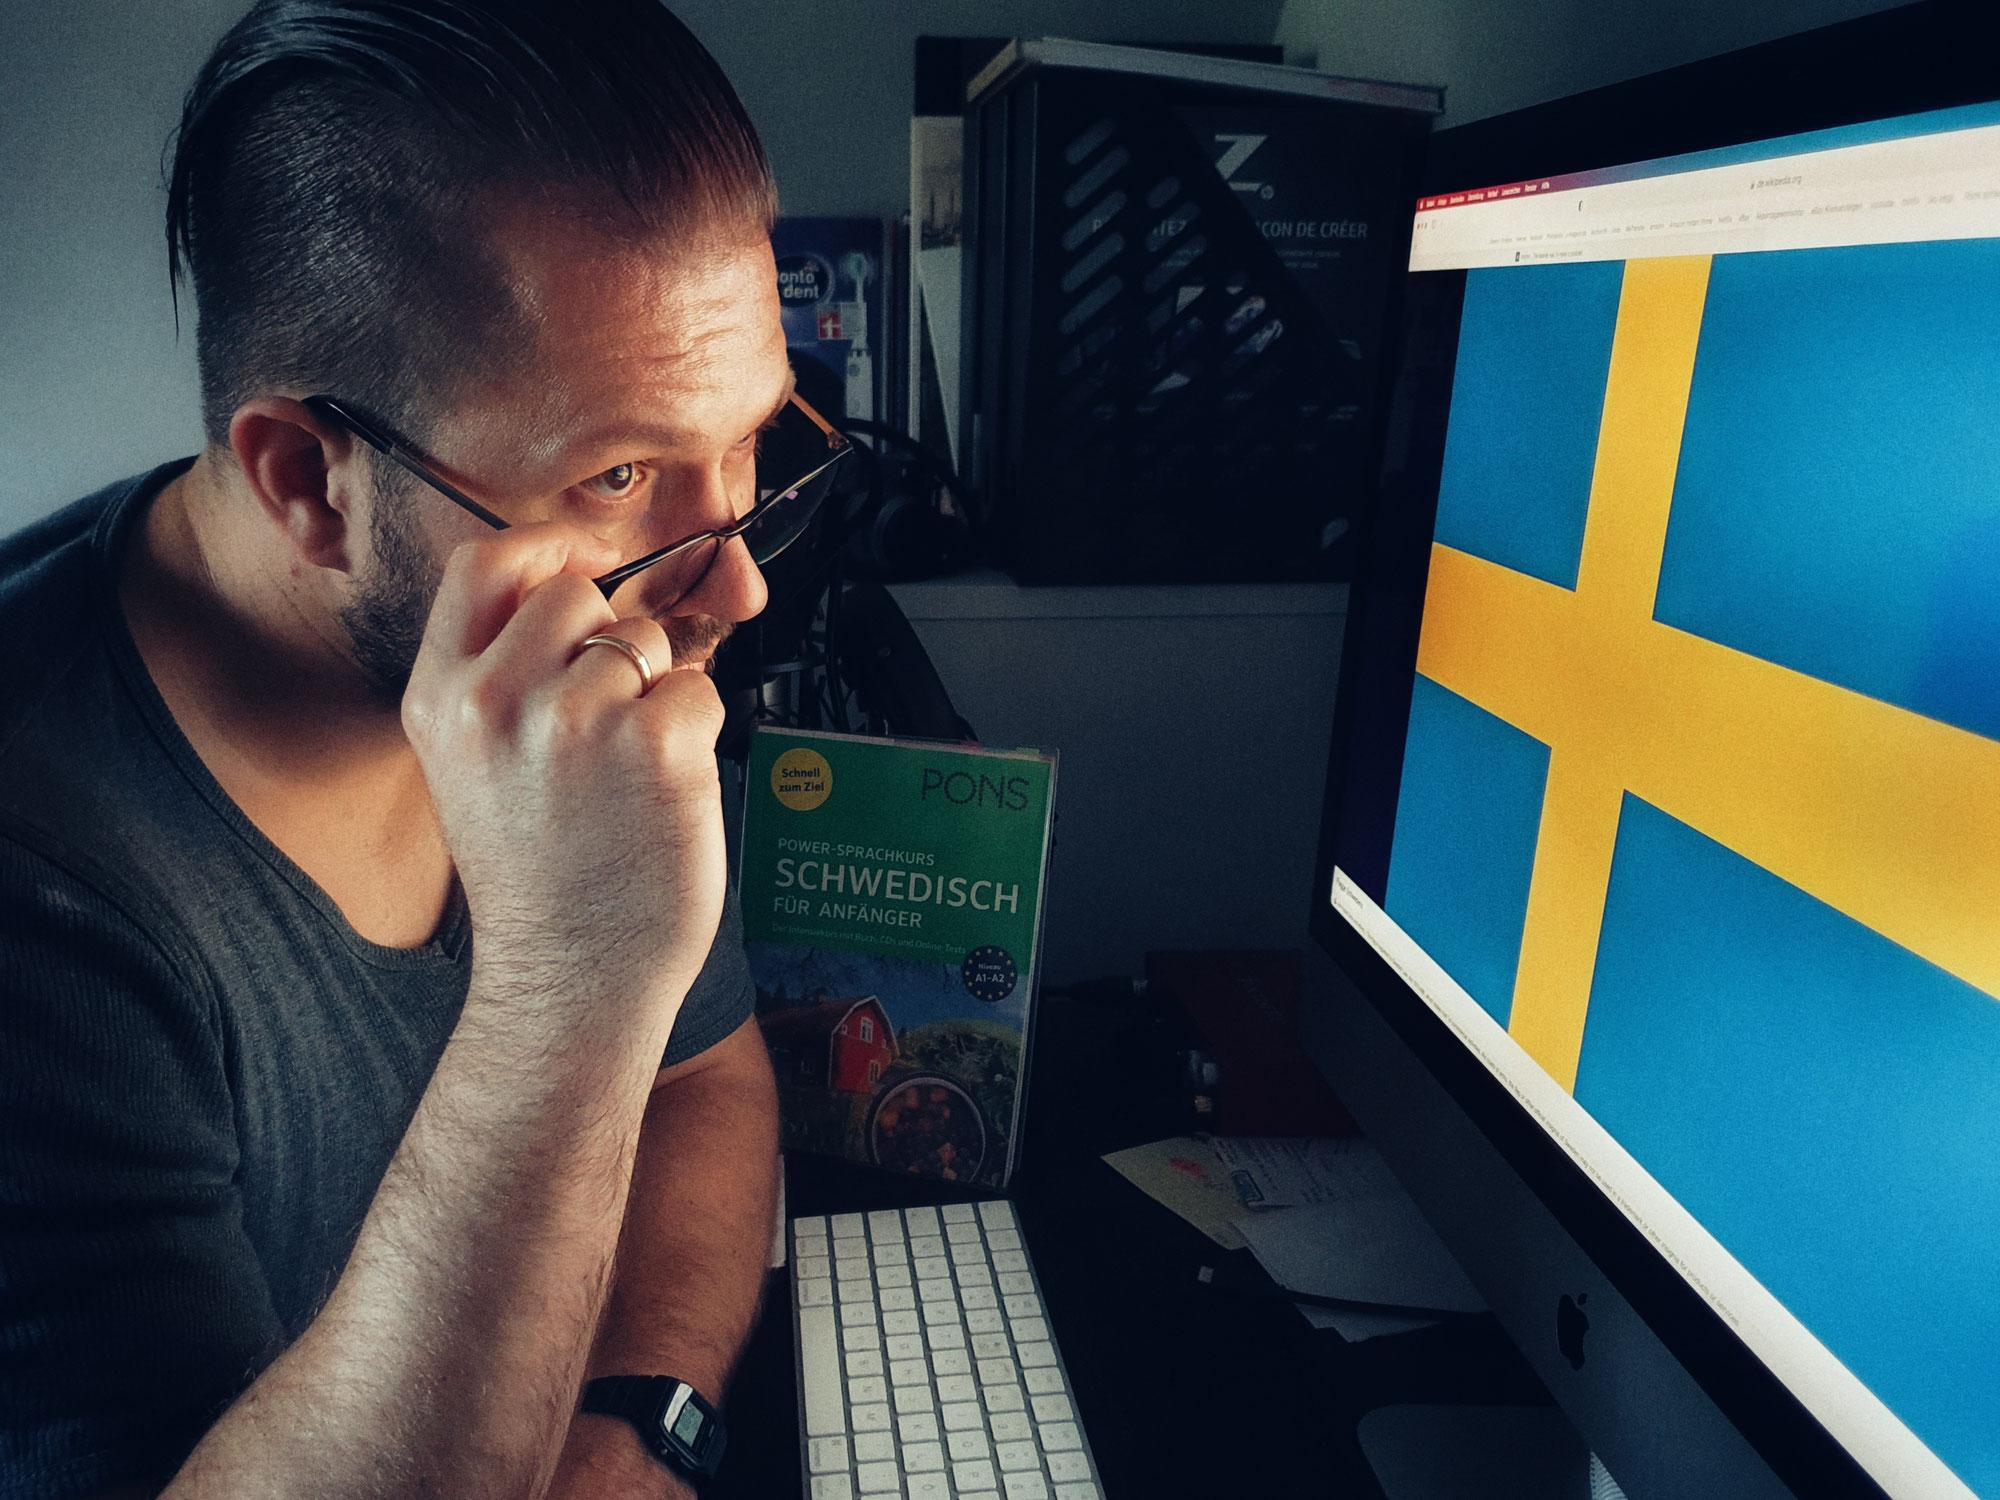 Podcast Folge 44 Schweden und so - Vorfreude ist die schönste Freude!